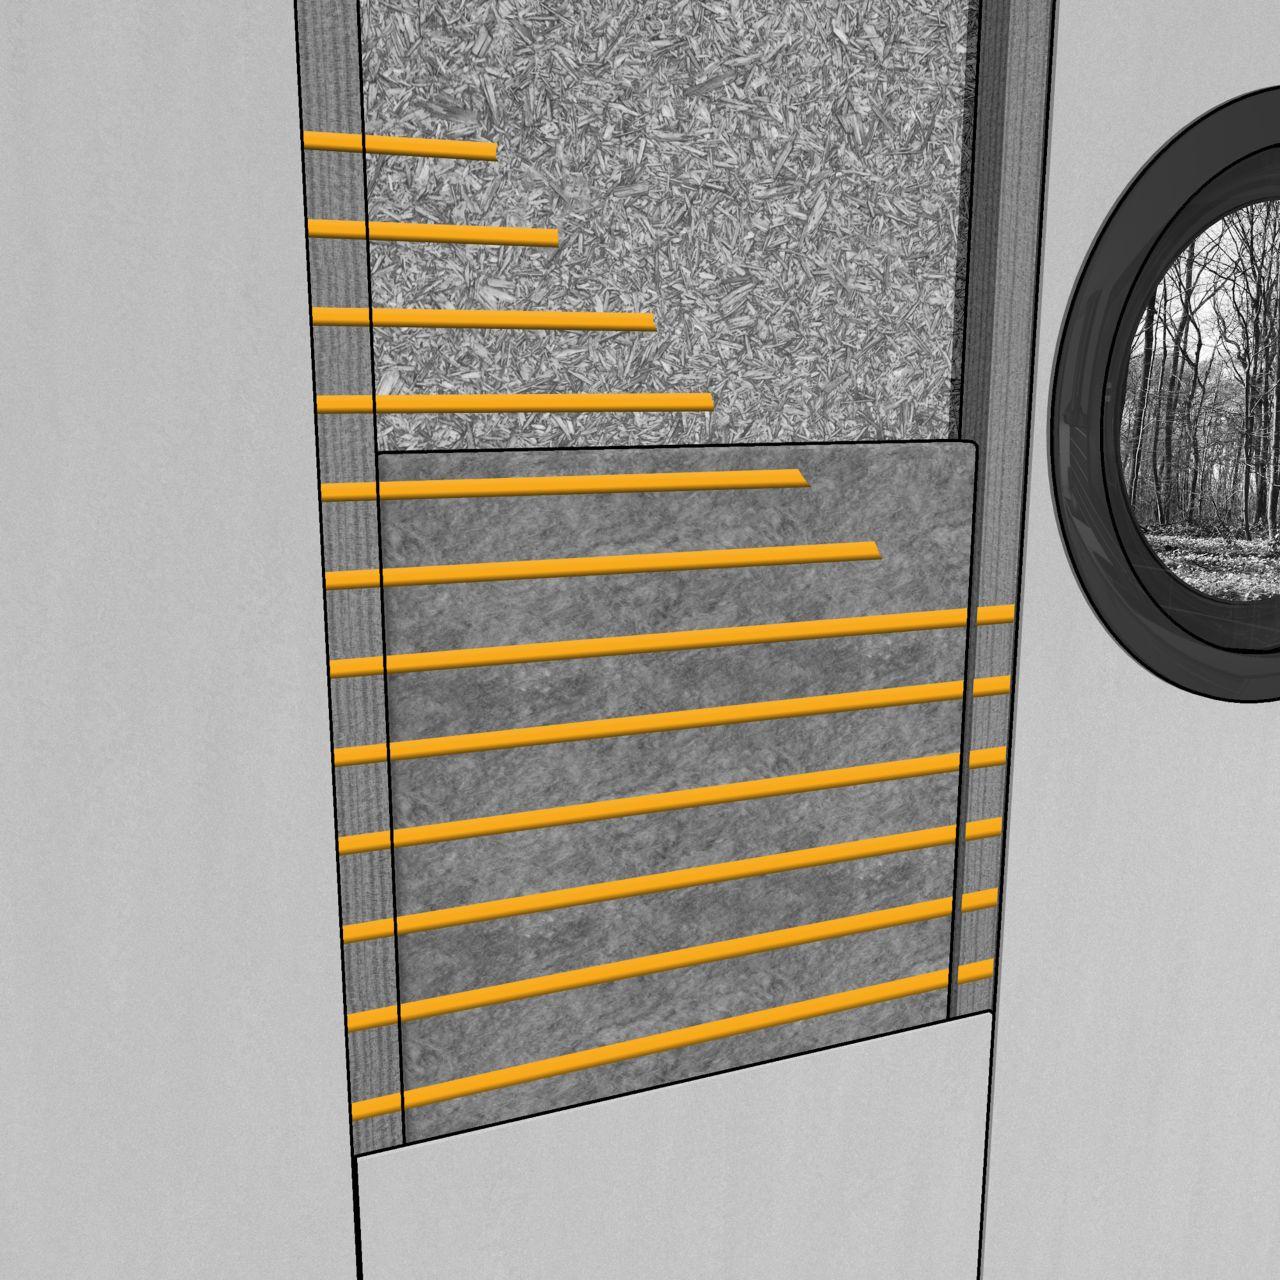 内部夹层板胶粘剂在工地外施工的插图